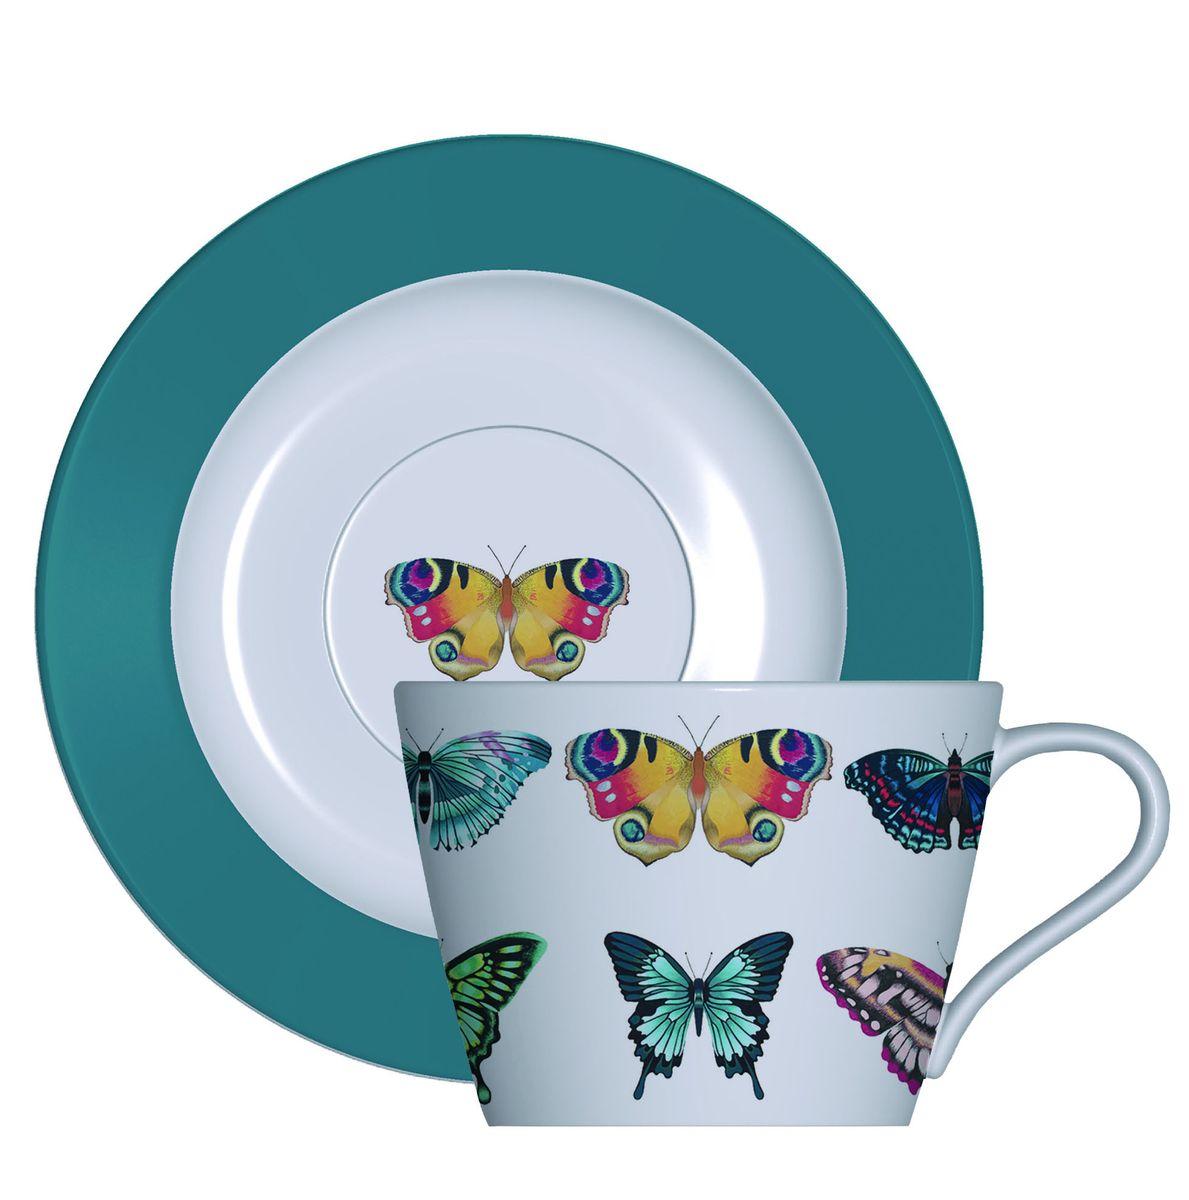 Чайная пара Churchill Бабочки, цвет: оранжевый, 2 предмета. HARL00341HARL00341Коллекция Арлекин красиво упакована в подарочные коробки. При изготовлении данной коллекции используют лучший костяной фарфор. Материал: Костяной фарфор, фарфор Можно мыть в посудомоечной машине Можно использовать в микроволновой печи Внимание: посуда с позолоченным орнаментом запрещена для использования в микроволновой печи, т.к. металлическая позолота может привести к искрообразованию в камере микроволновой печи.